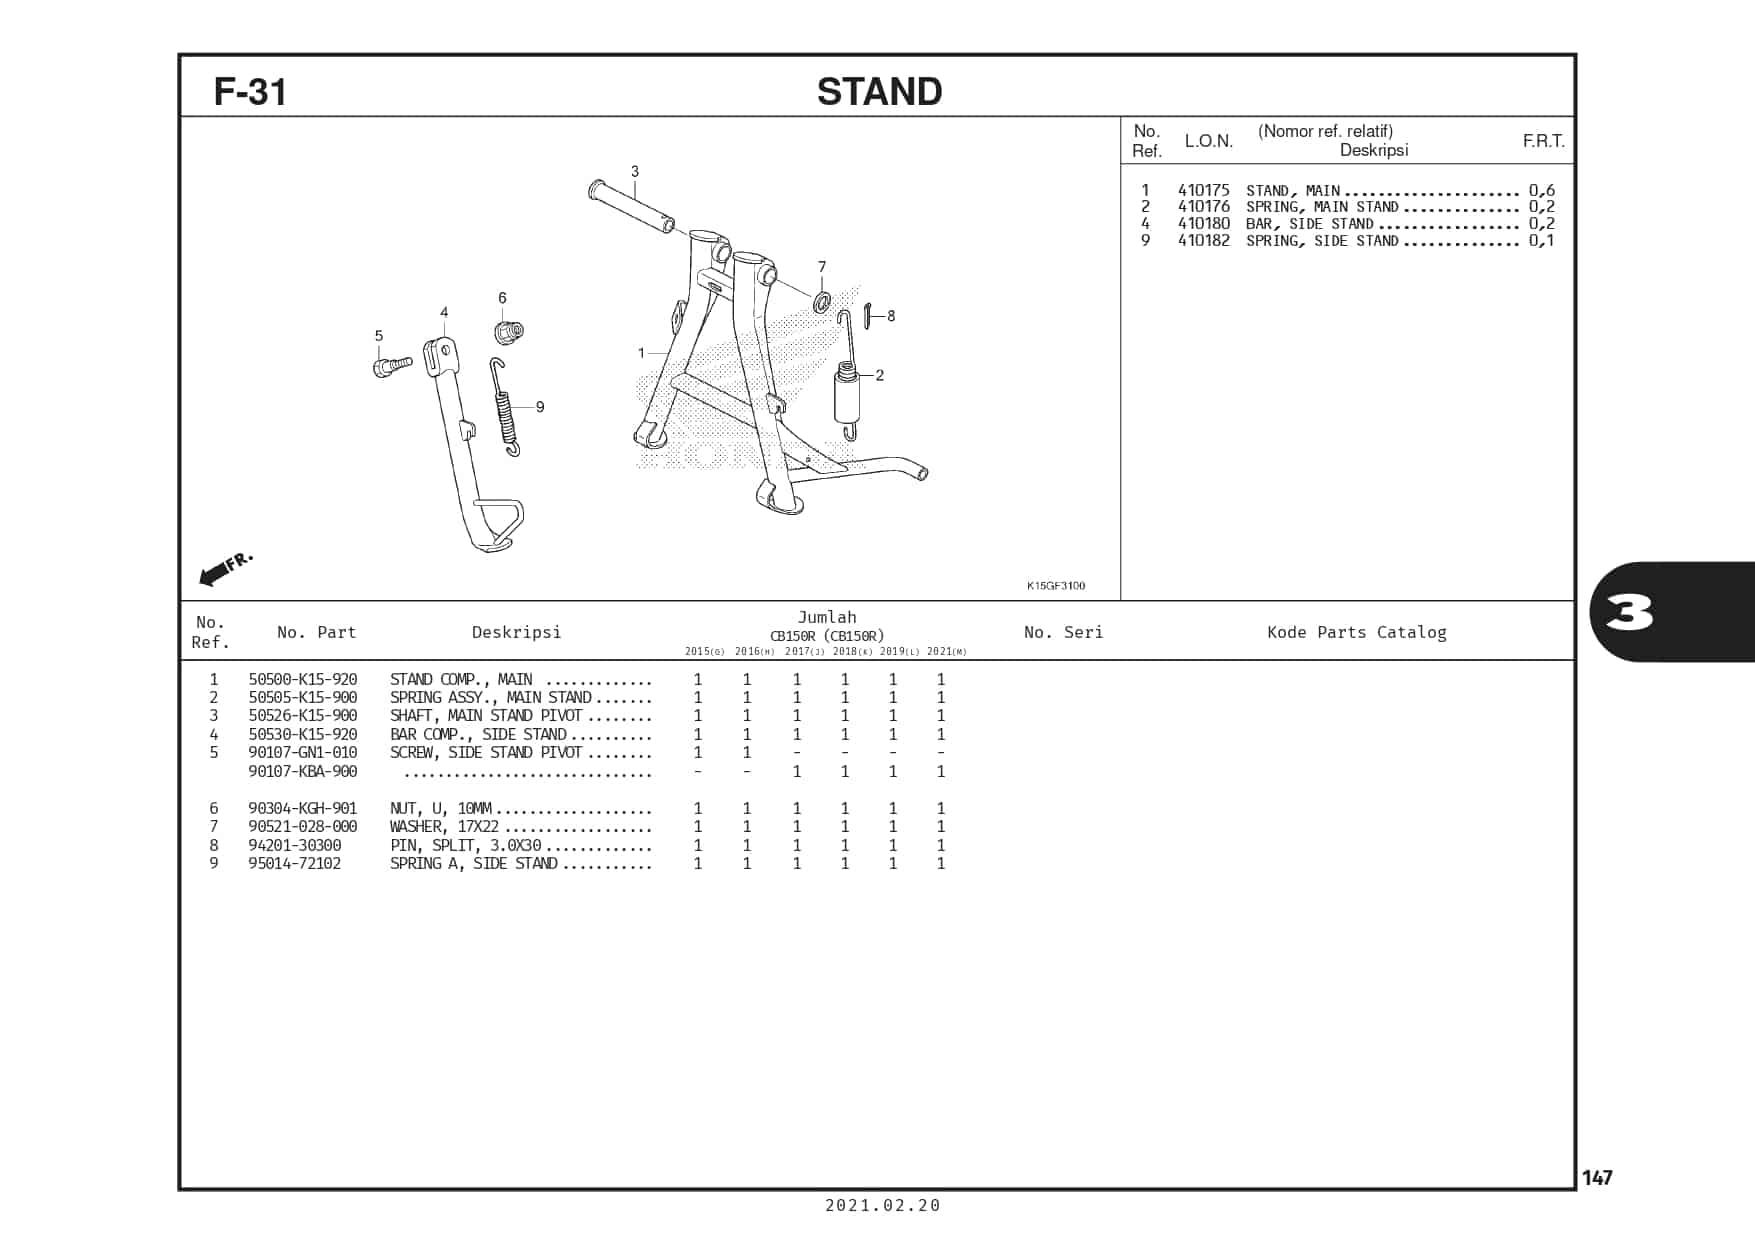 F-31 Stand